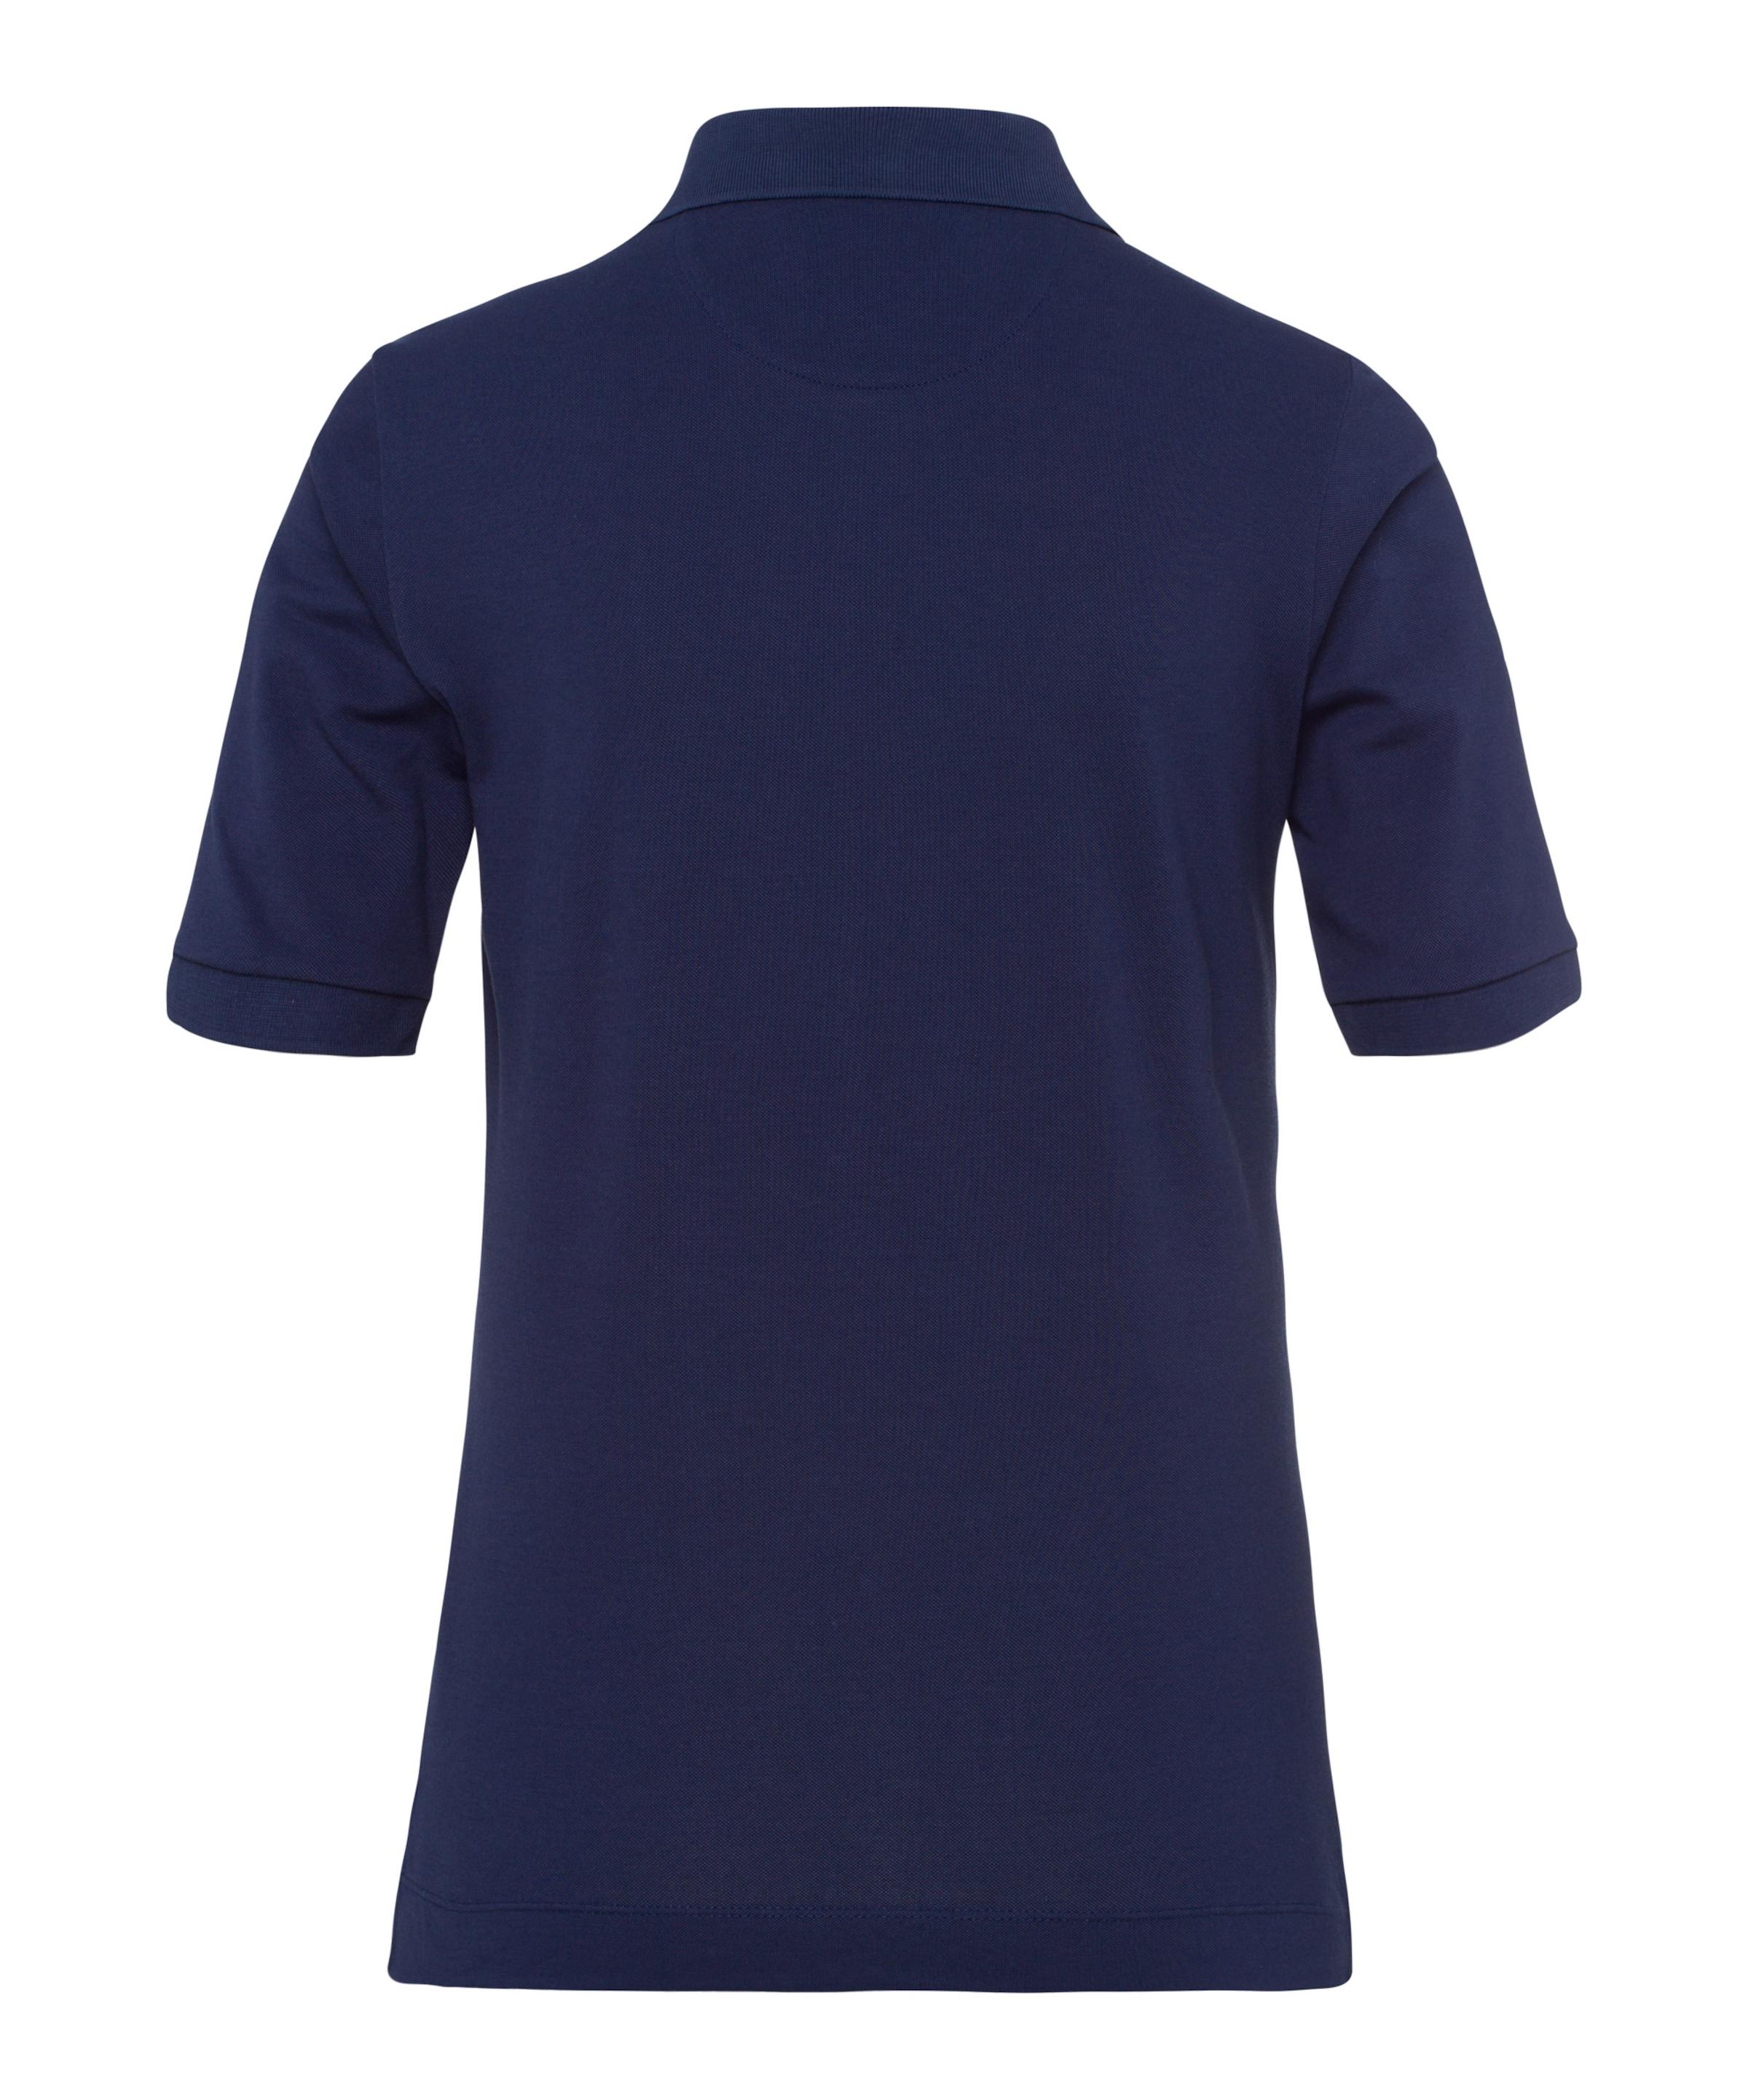 Brax Poloshirt Navy In In Brax Poloshirt Poloshirt 'cleo' 'cleo' In 'cleo' Brax Navy CroxBWeQdE